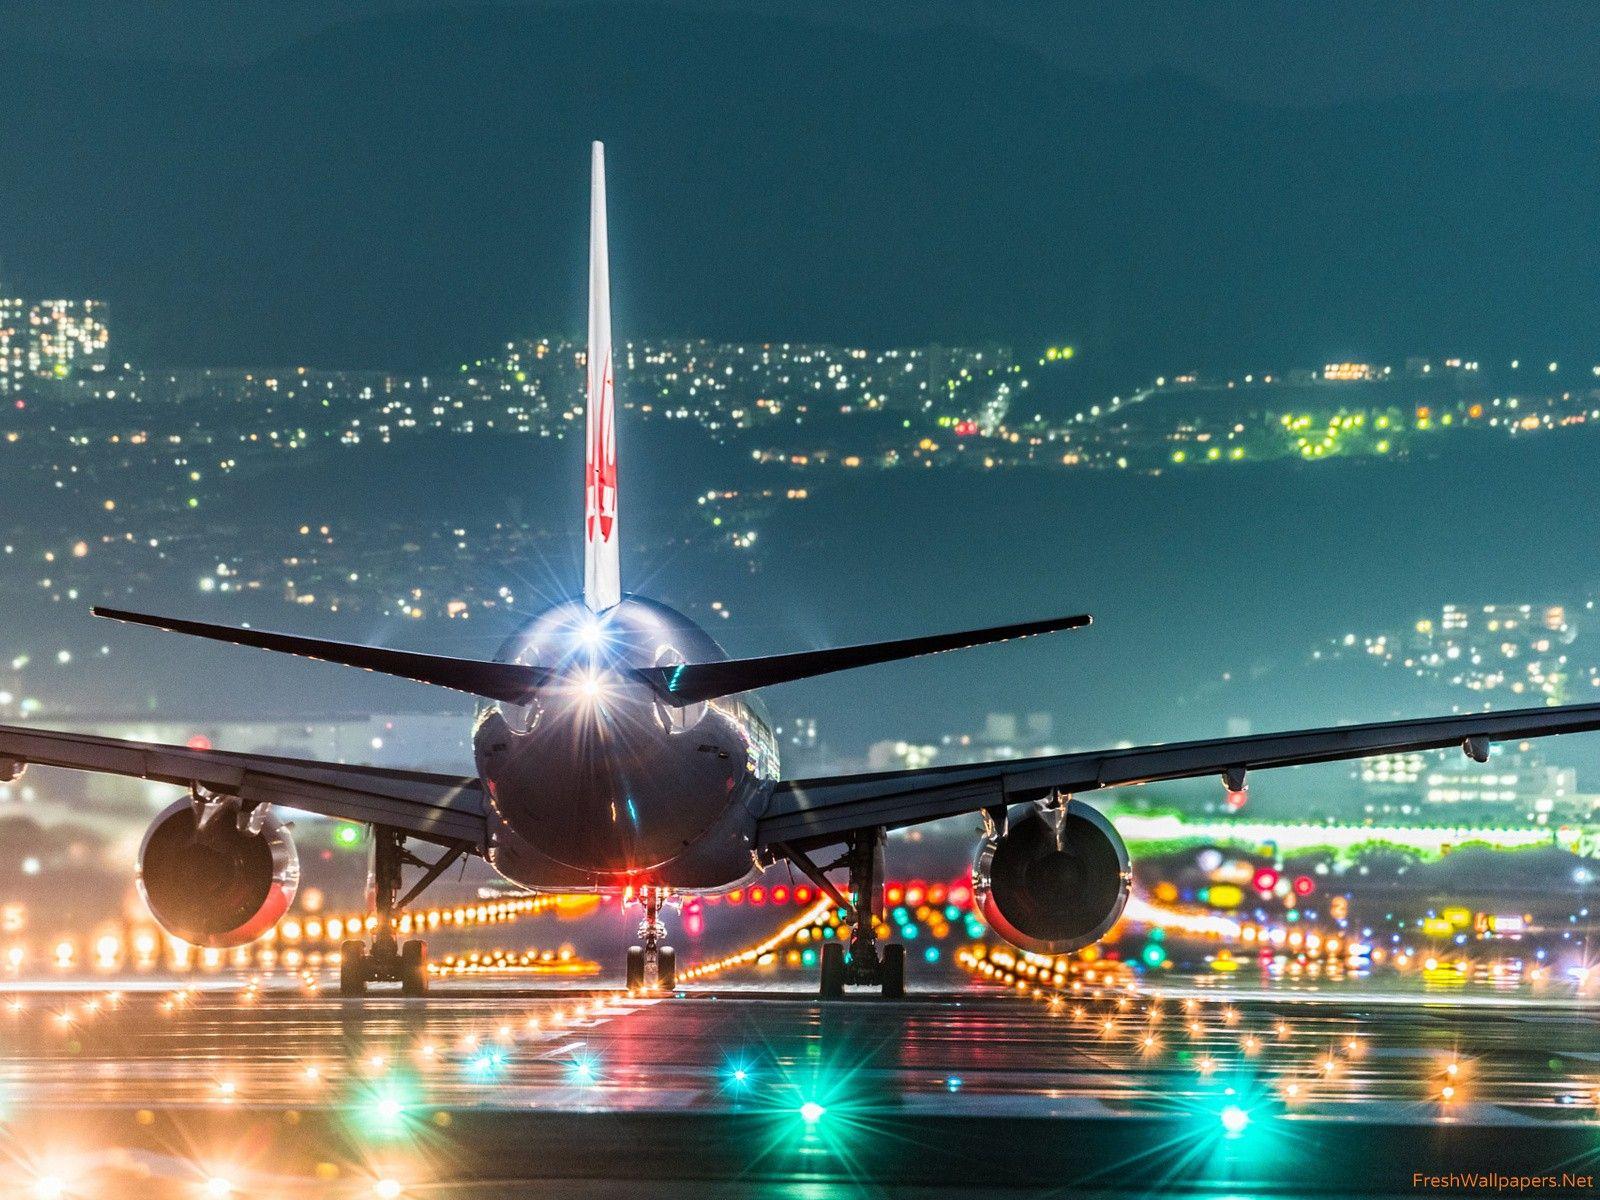 Photography Airplane Photography Plane Photography Aircraft